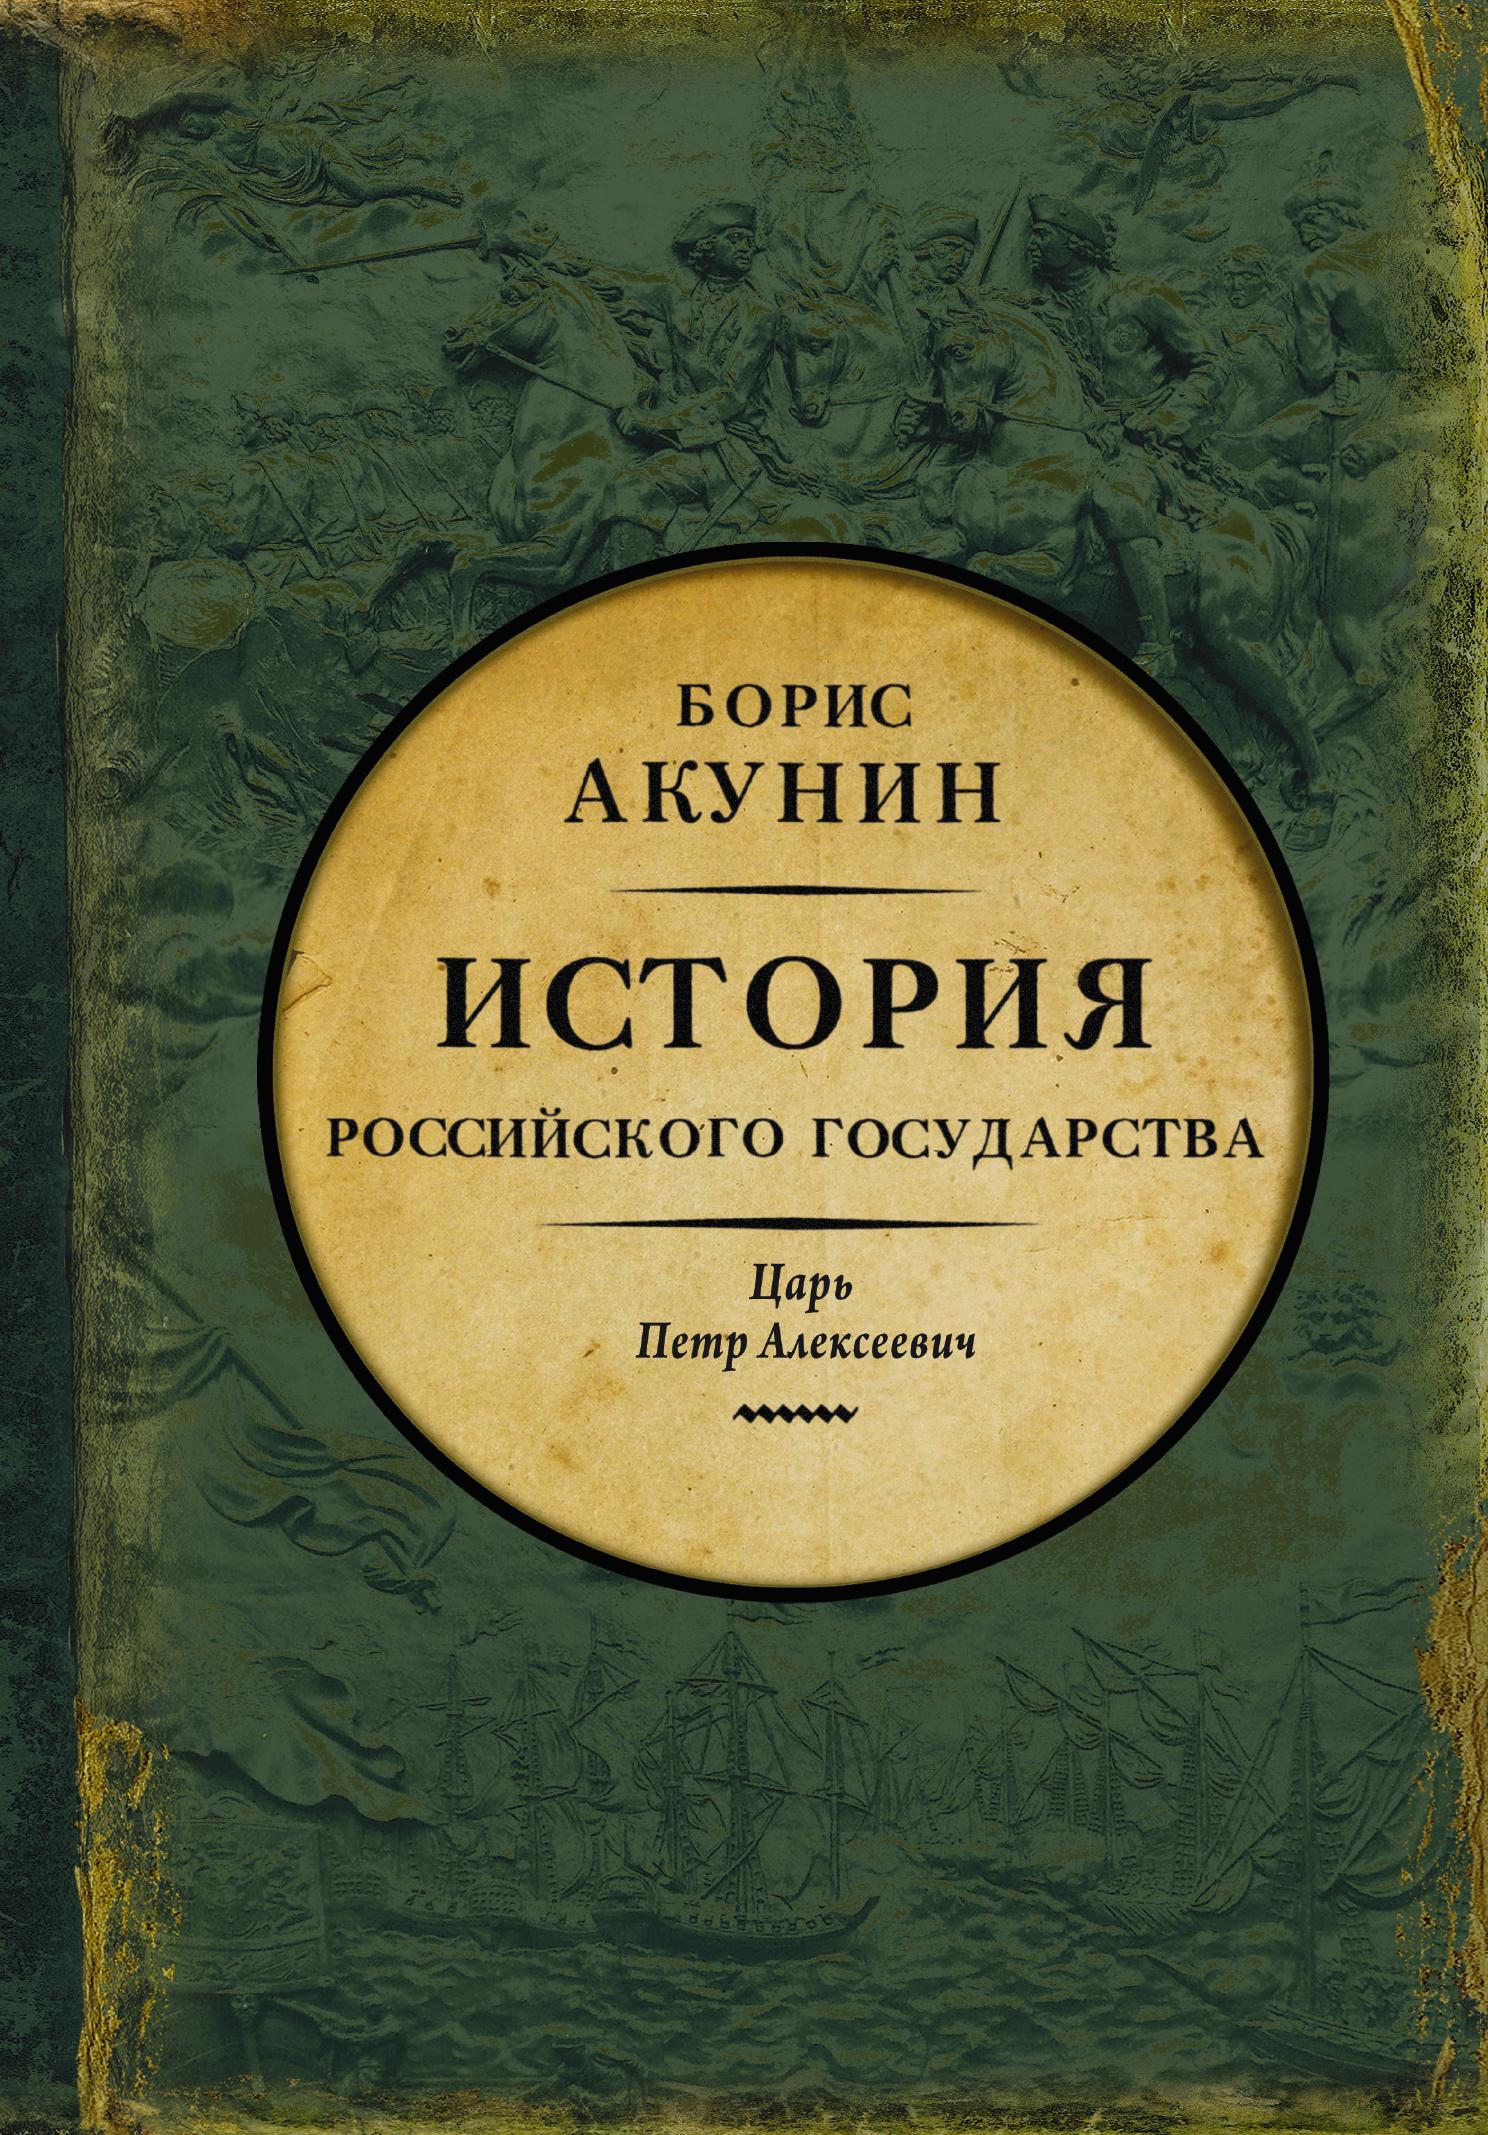 История российского государства акунин скачать бесплатно mp3